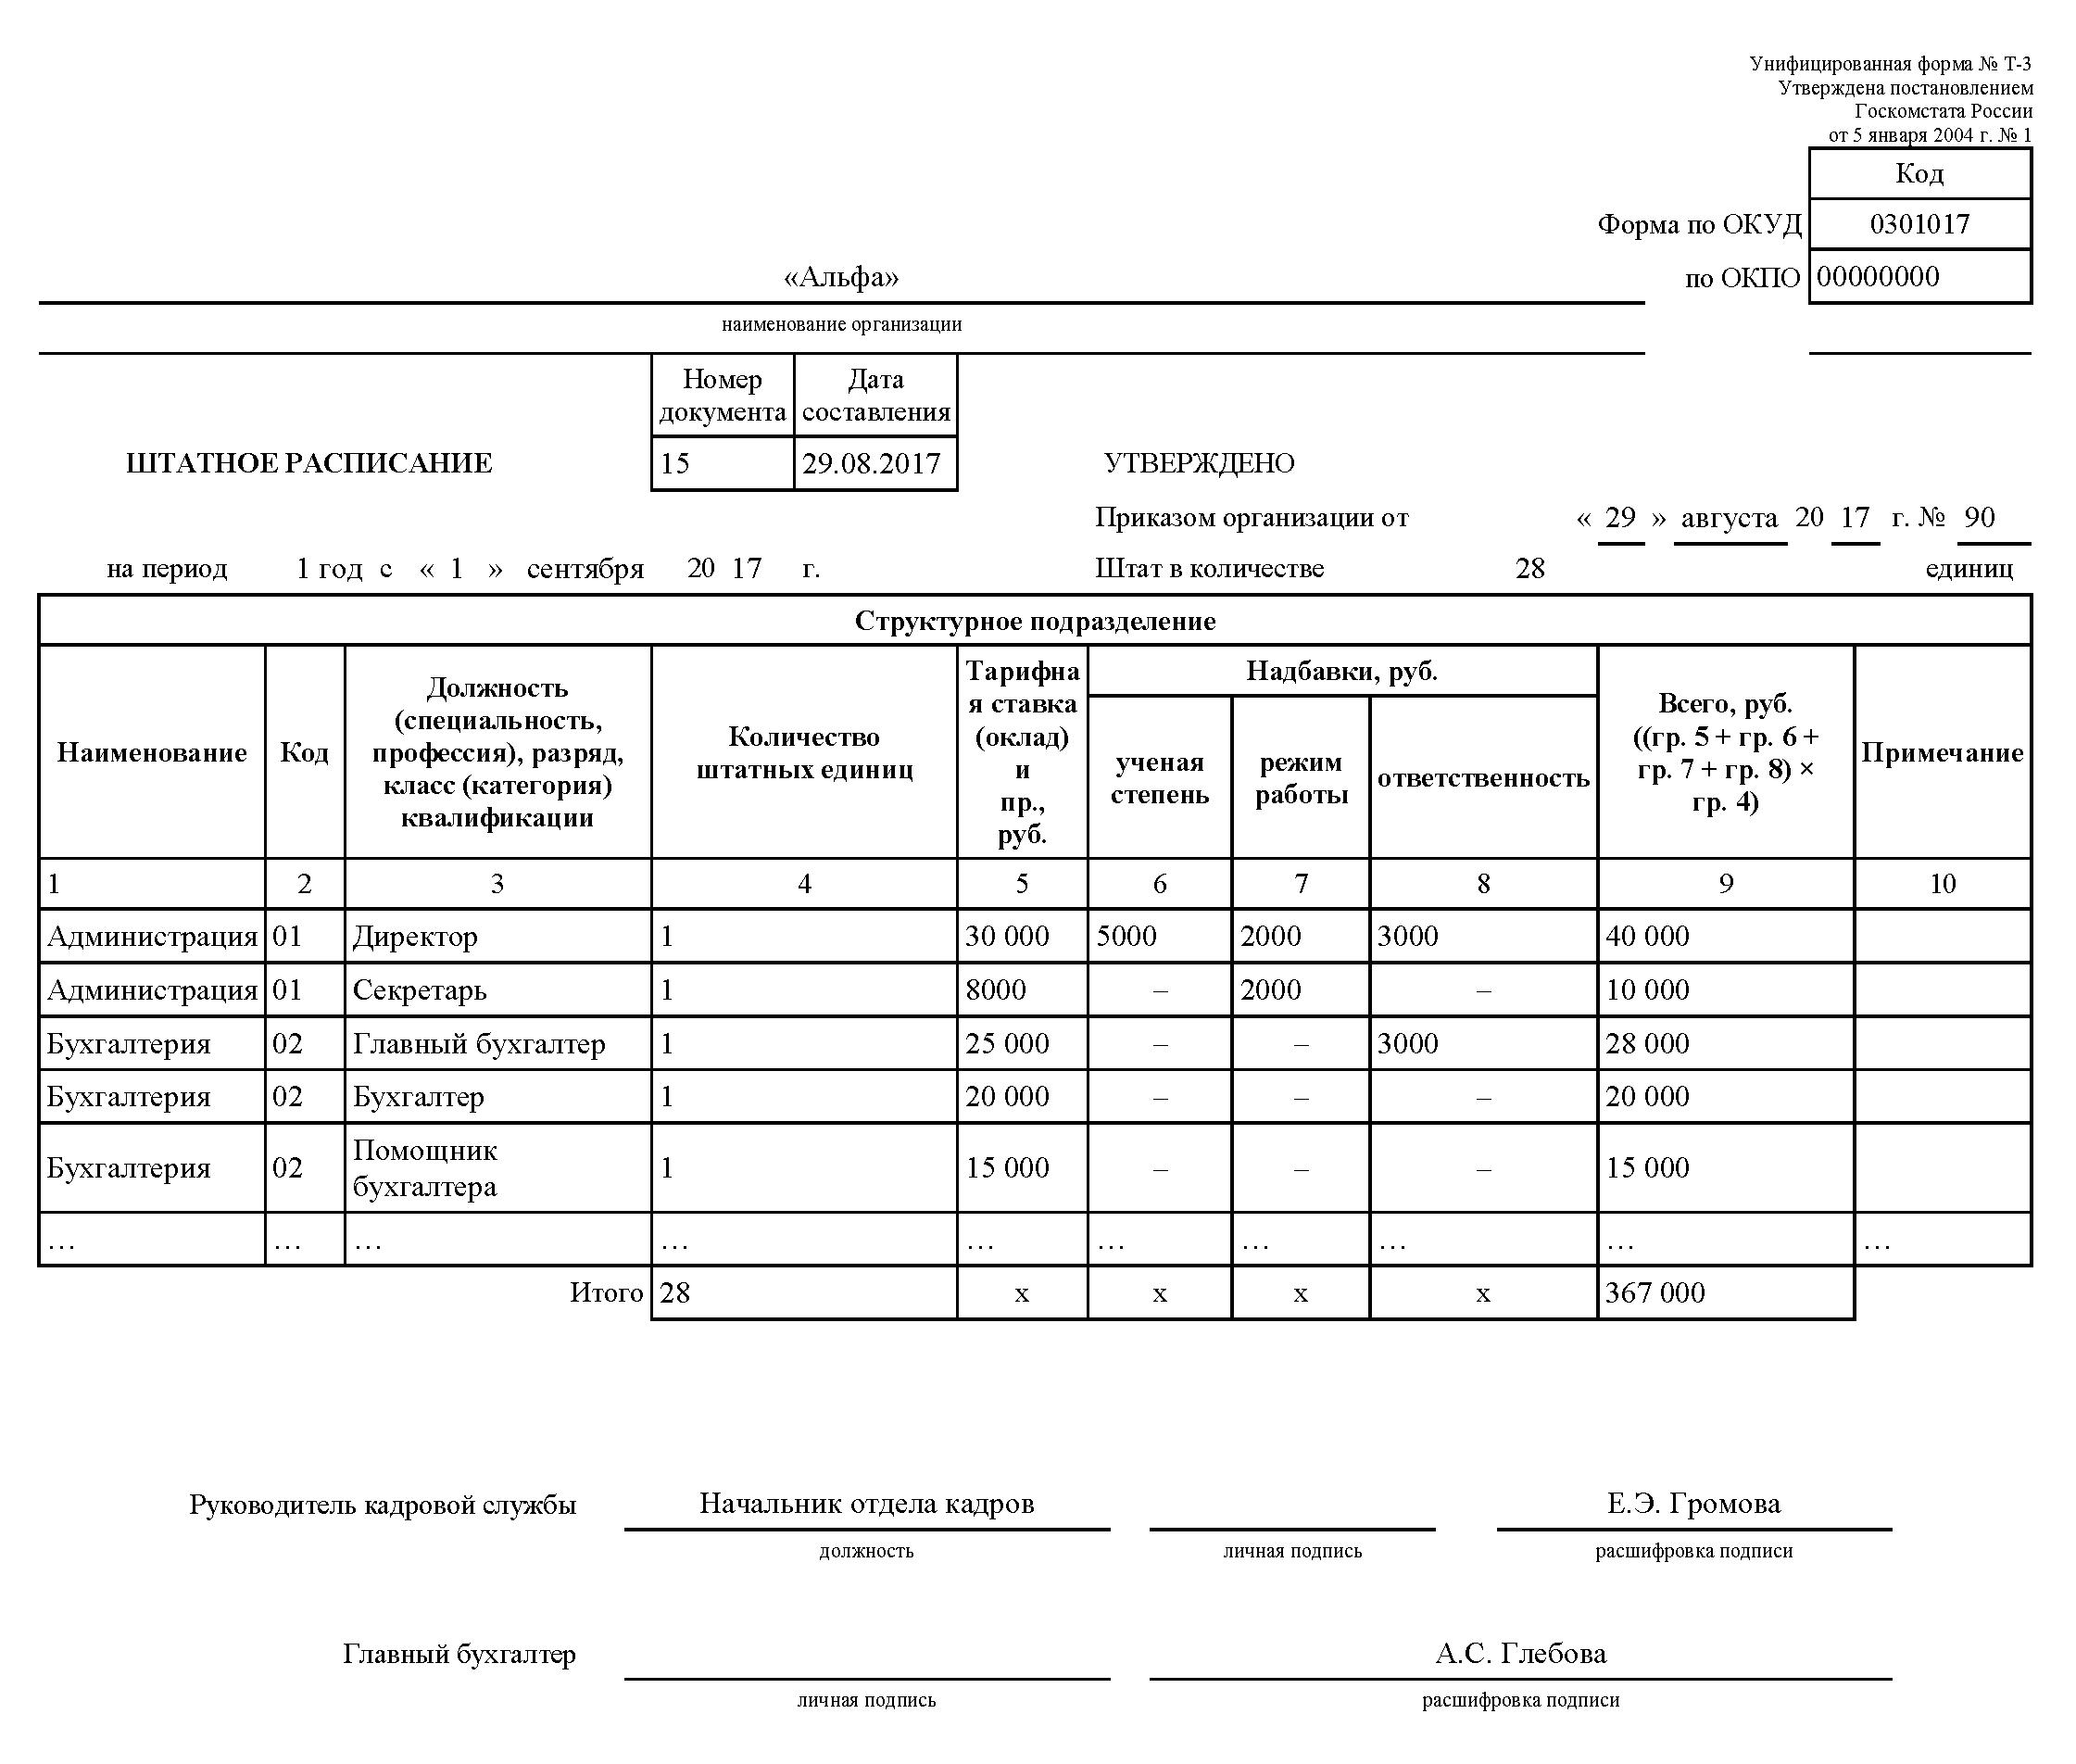 Штатное расписание Т-3 образец, скачать бланк форма Т-3